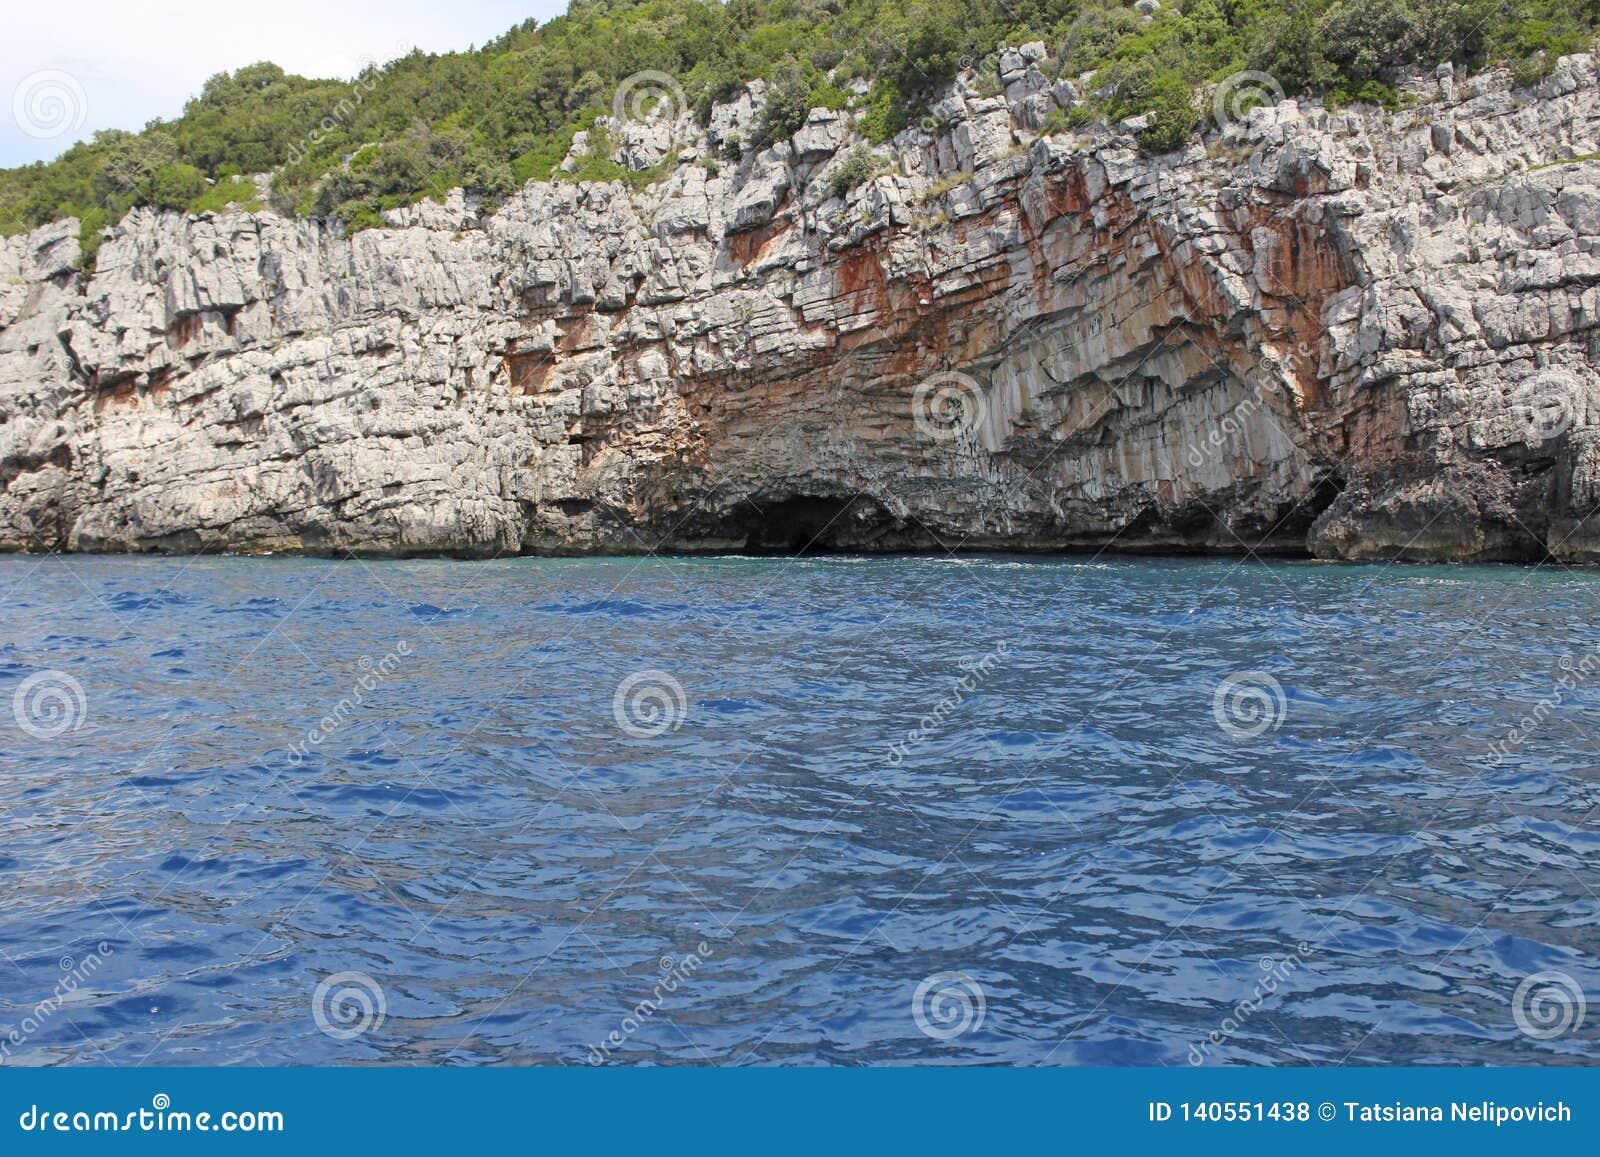 Caverne bleue près de fort de Mamula, Monténégro concept de course